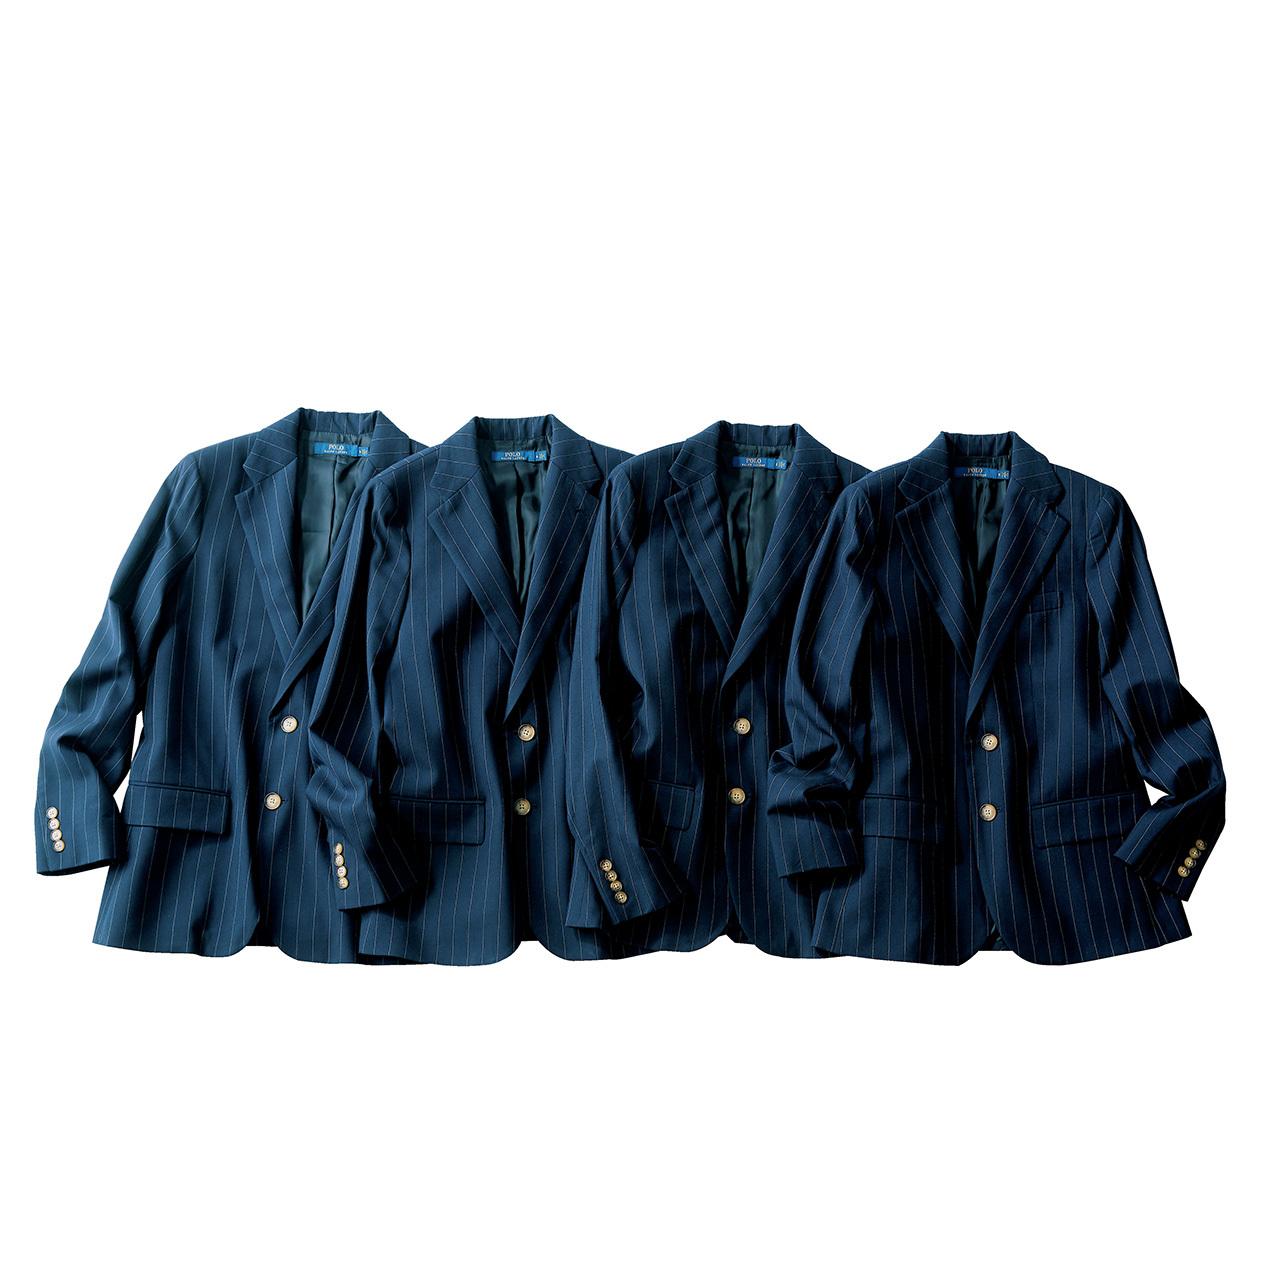 ねらうはワンサイズ上。「サイズ展開」にコンシャスなブランド 五選_1_1-4